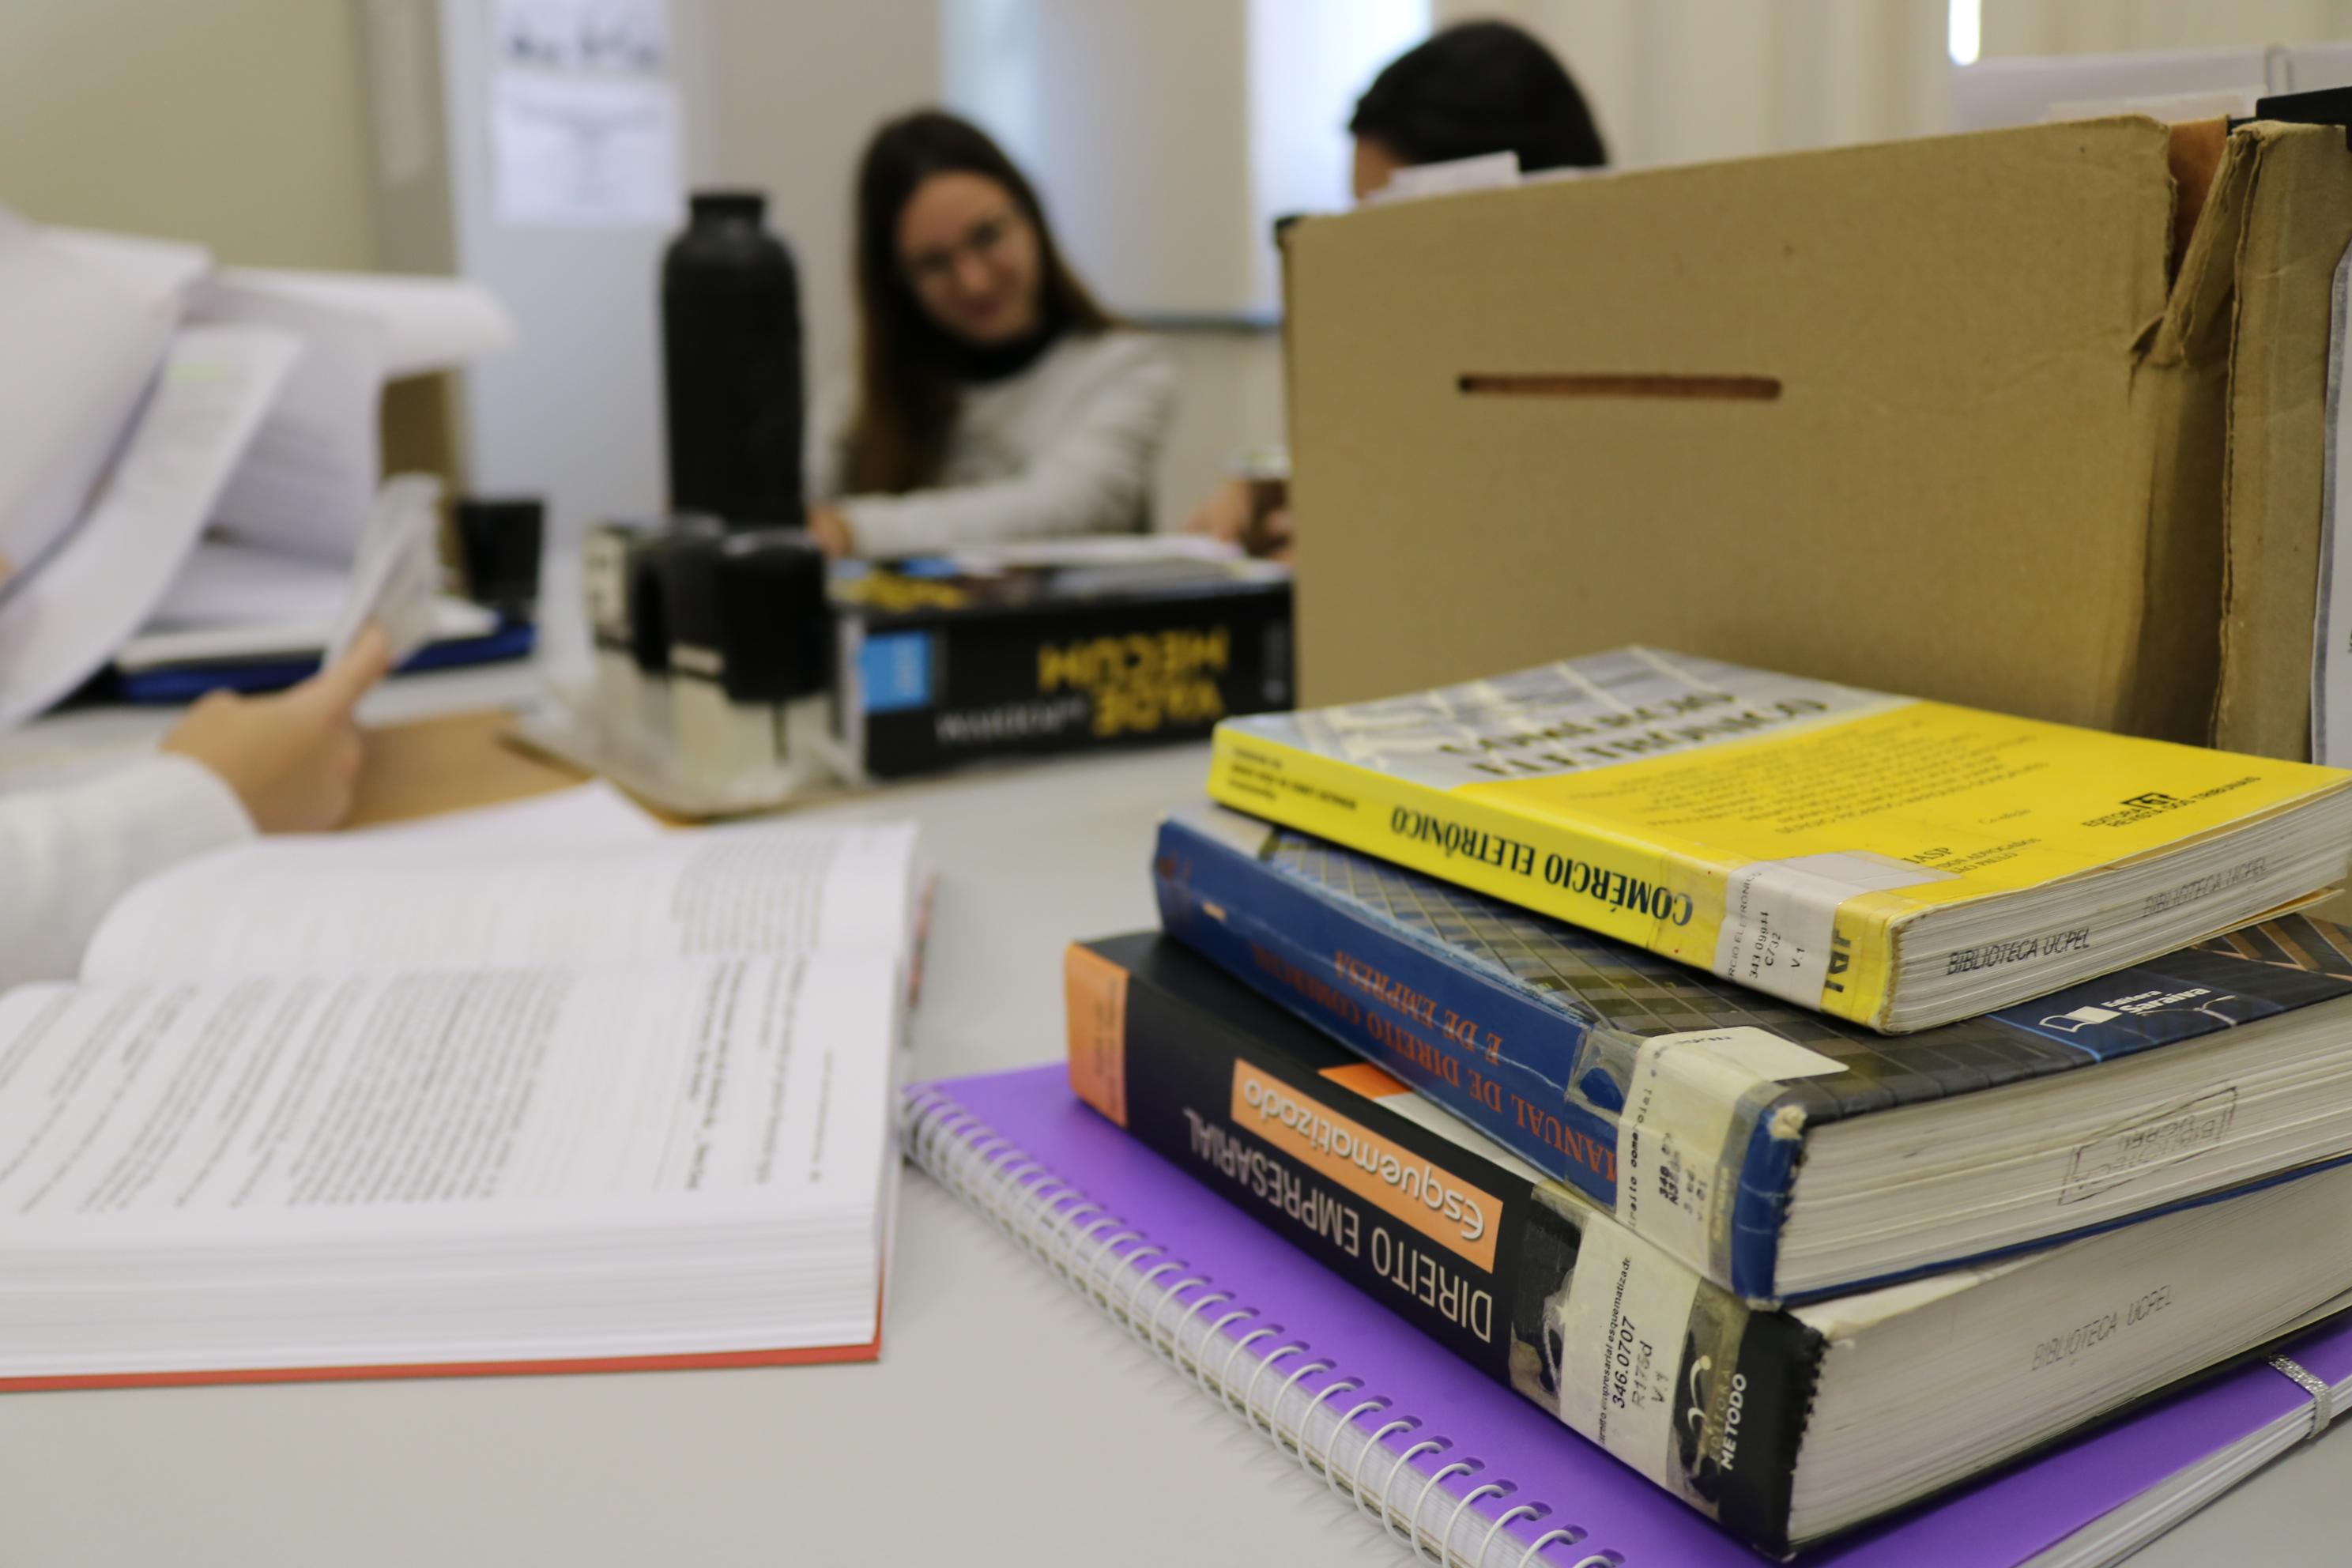 livros sobre direito empilhados em uma mesa com acadêmicas do curso conversando ao fundo